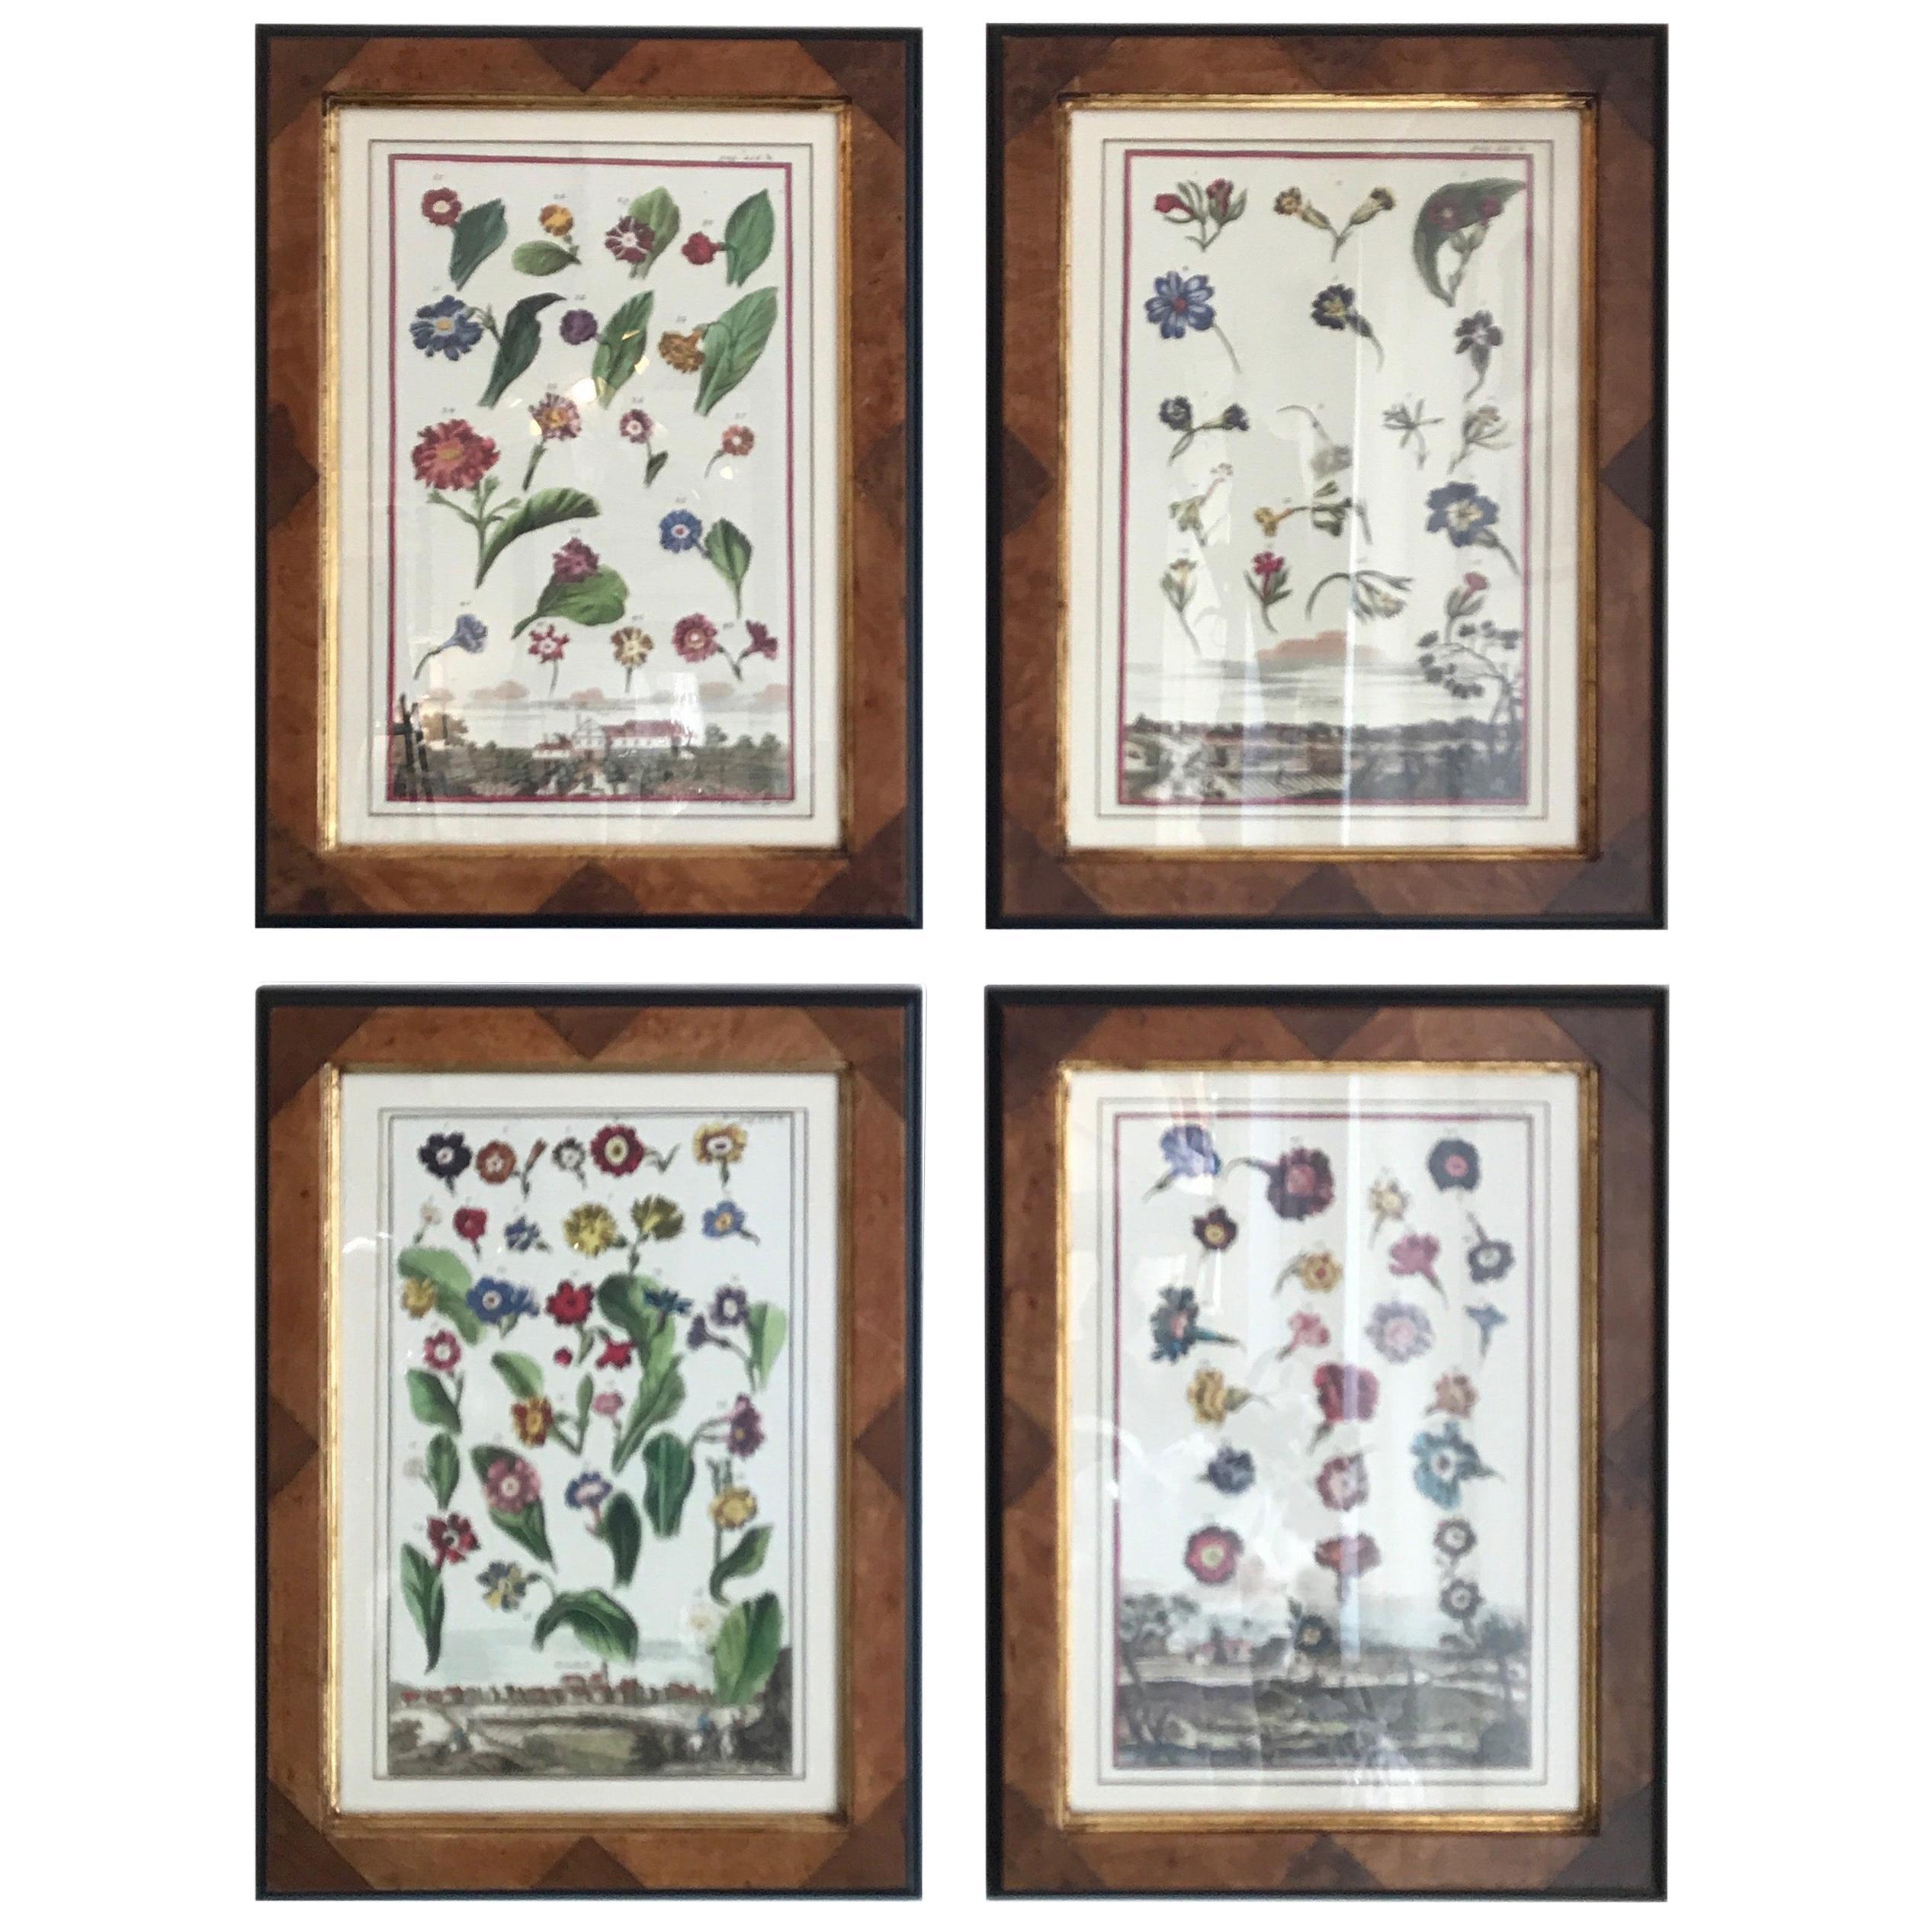 Set of Four Botanicals in Burl Wood Frames